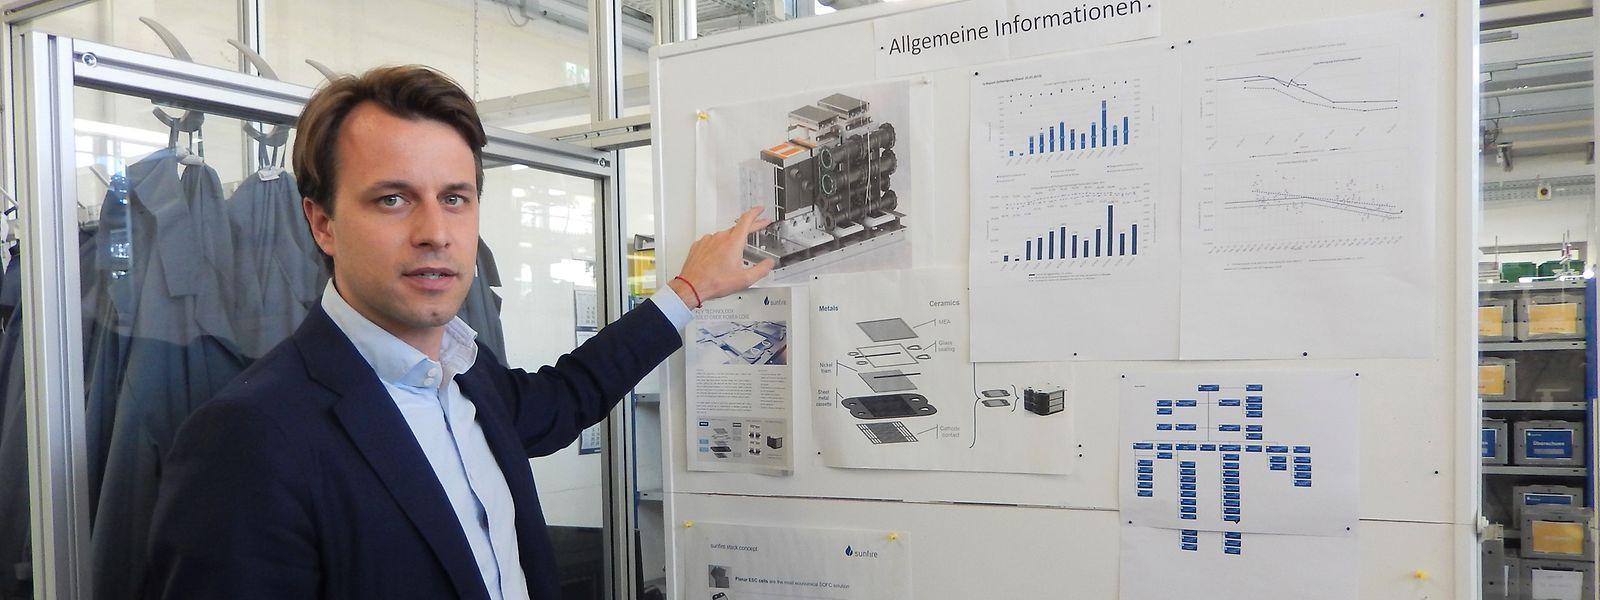 Sunfire Co-Gründer Nils Aldag erklärt die Funktionsweise der Sunfire-Anlagen.